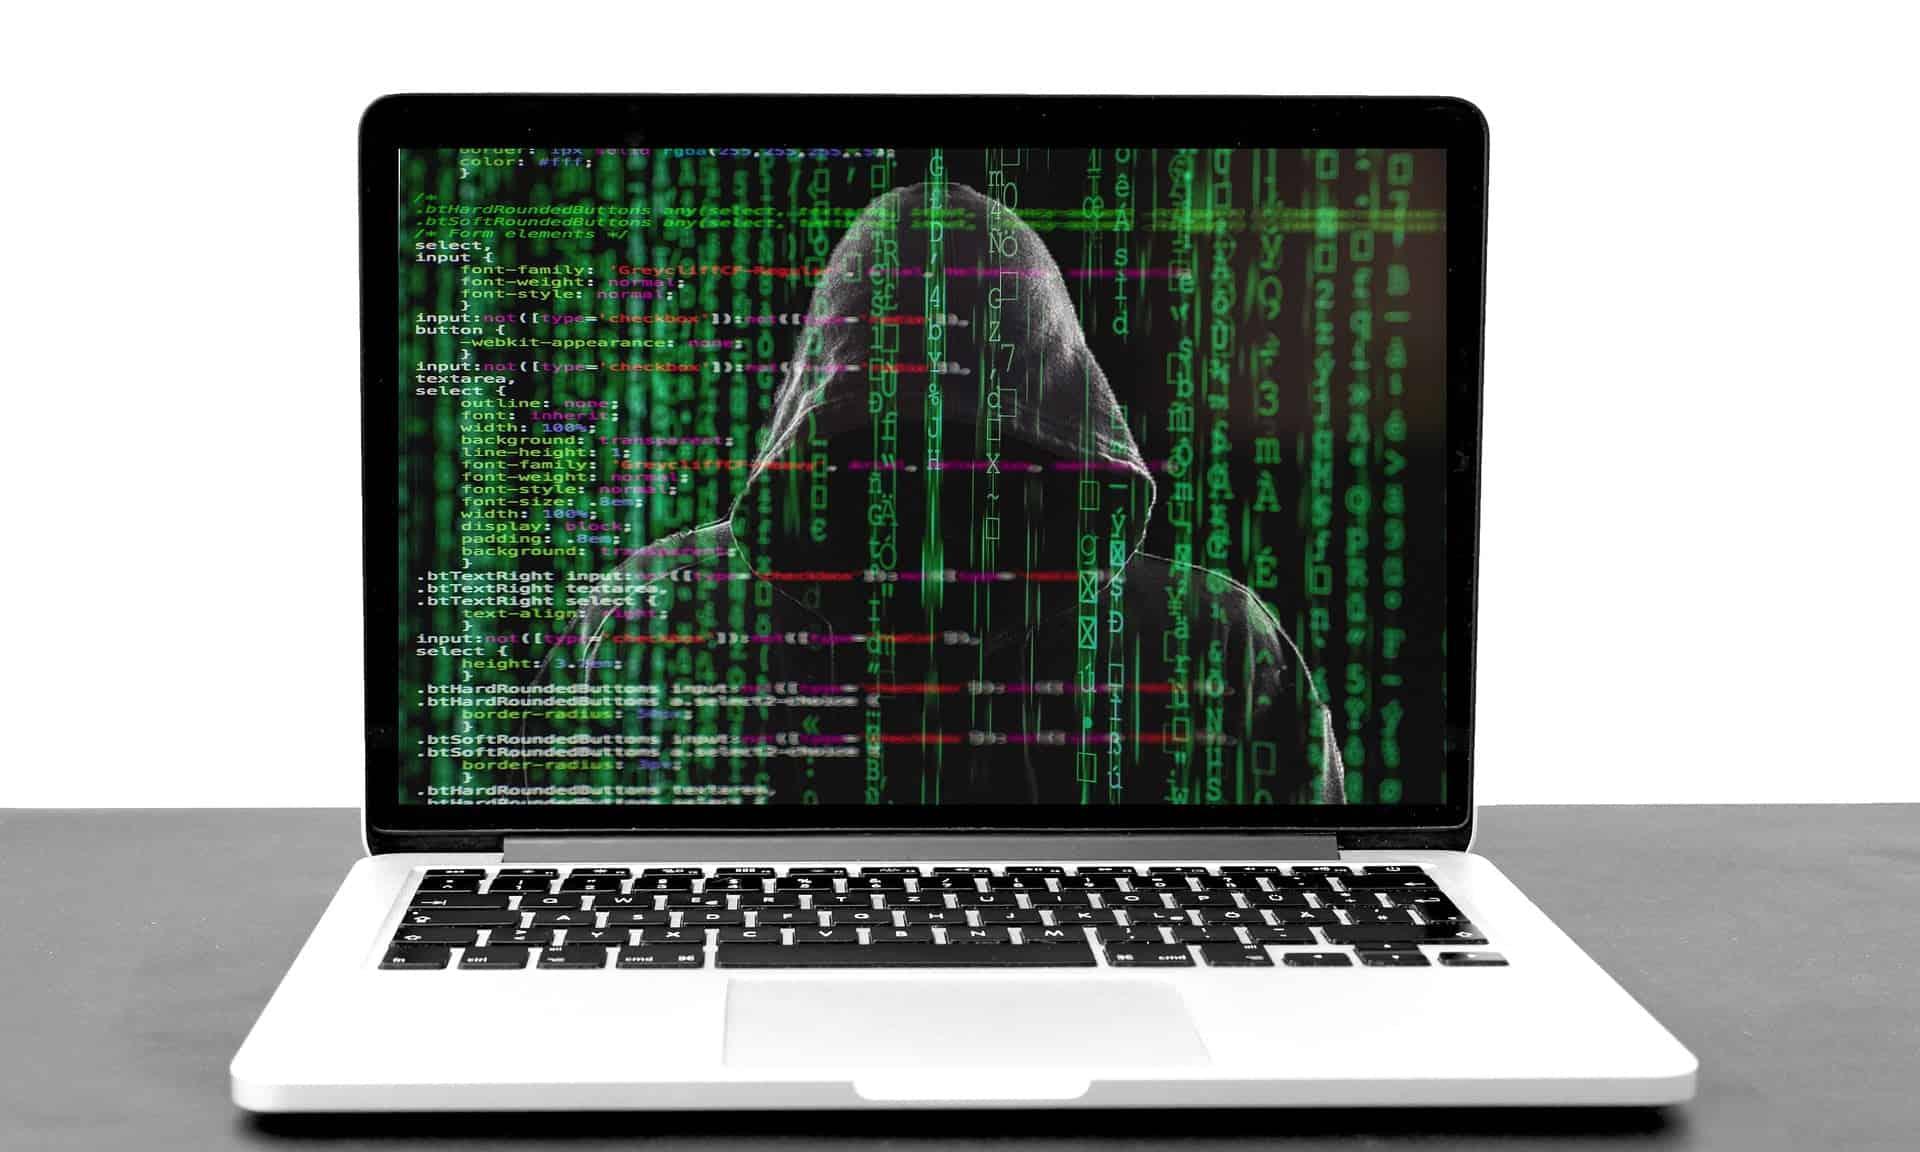 attacchi-informatici